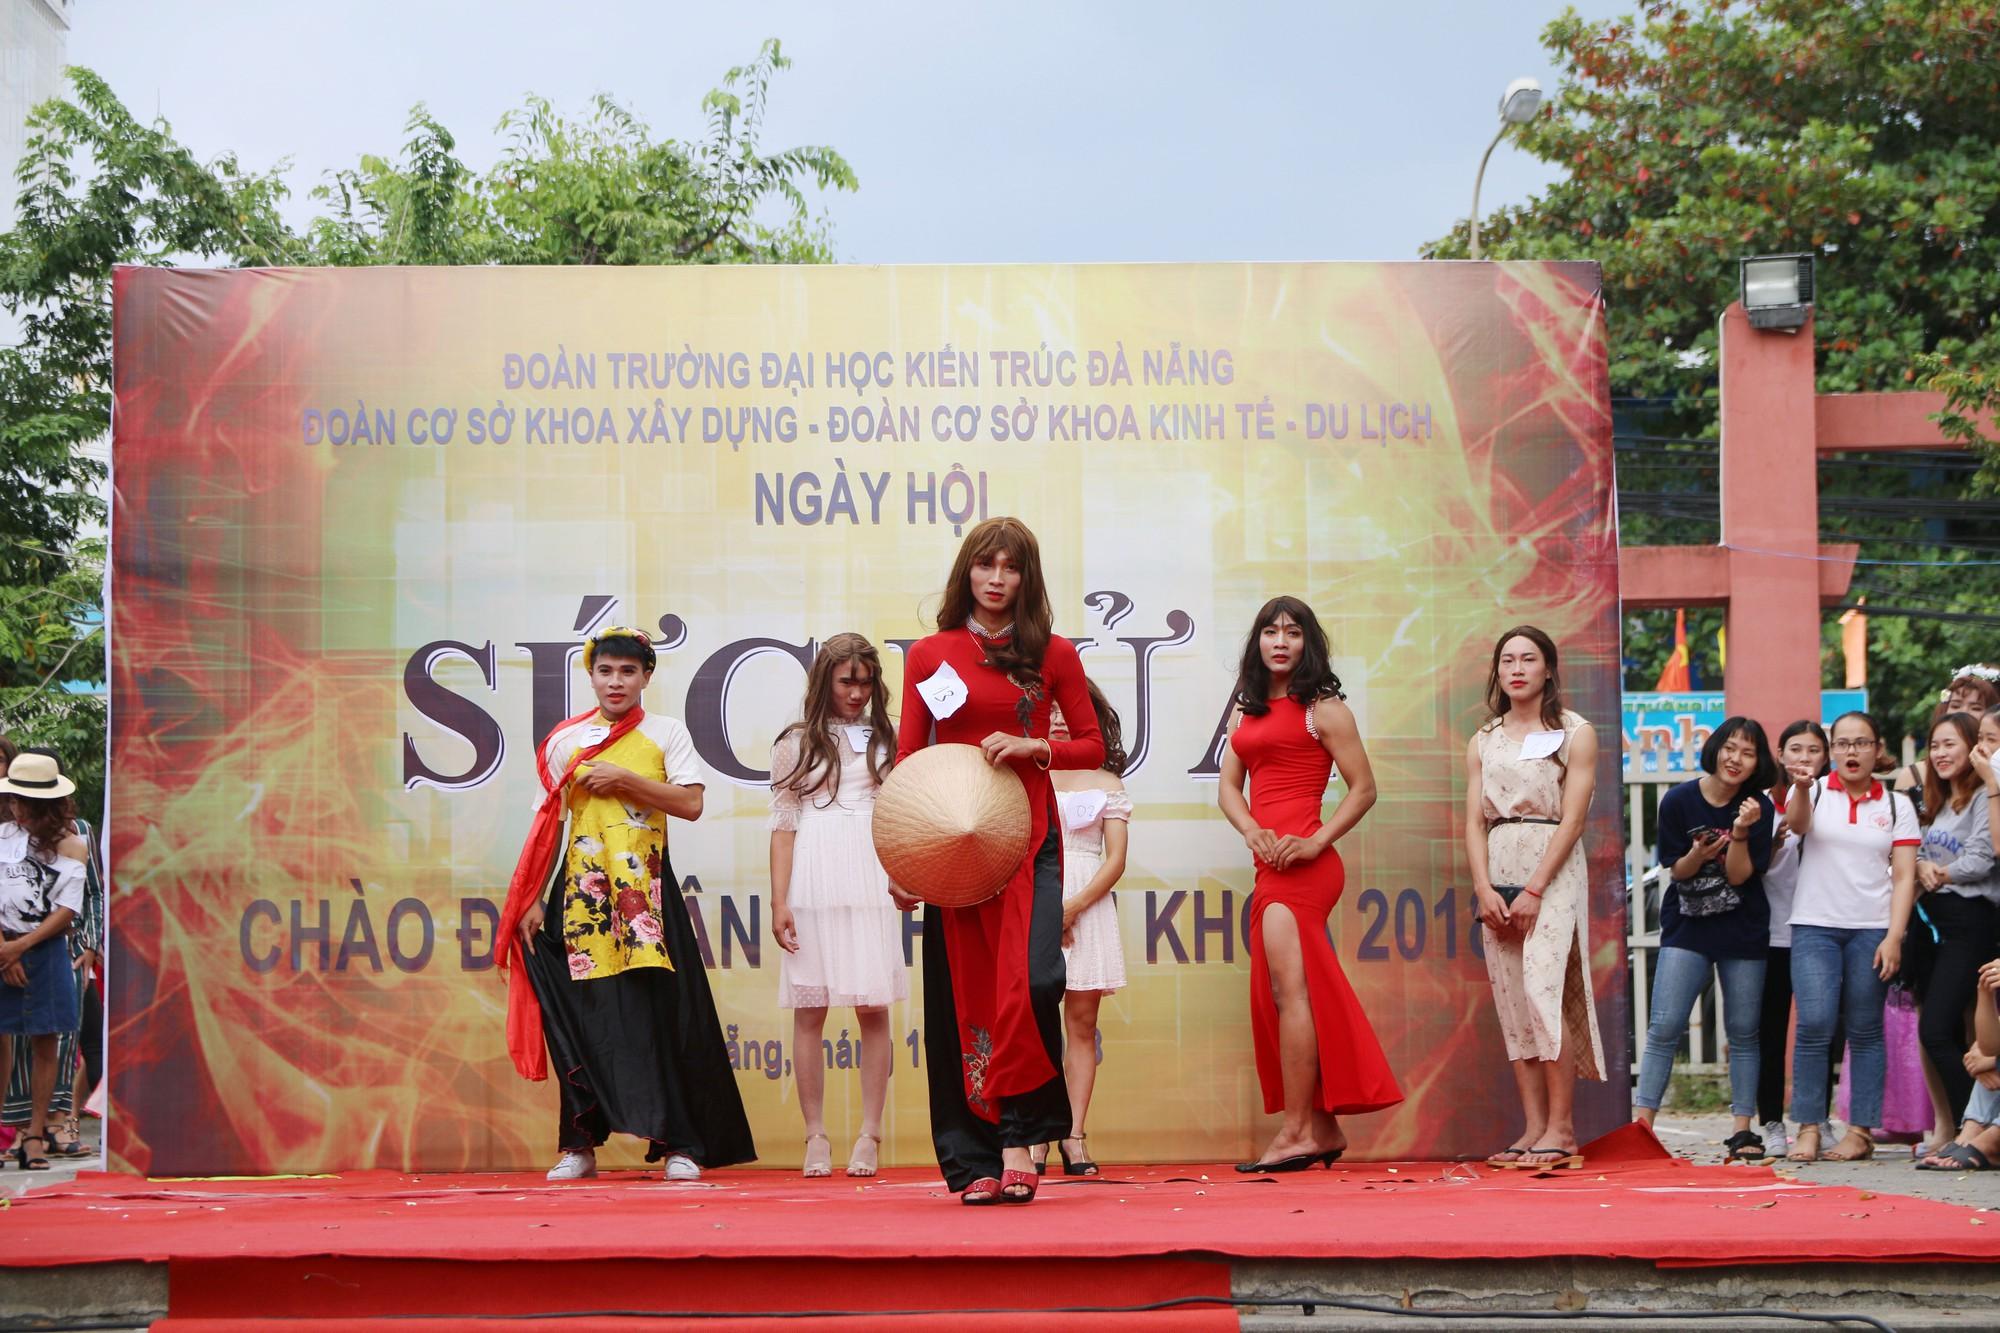 Cuộc thi Miss nam sinh khiến các cô gái thi nhau than trời xấu hổ vì nhan sắc của mình còn thua xa con trai giả gái! - Ảnh 2.